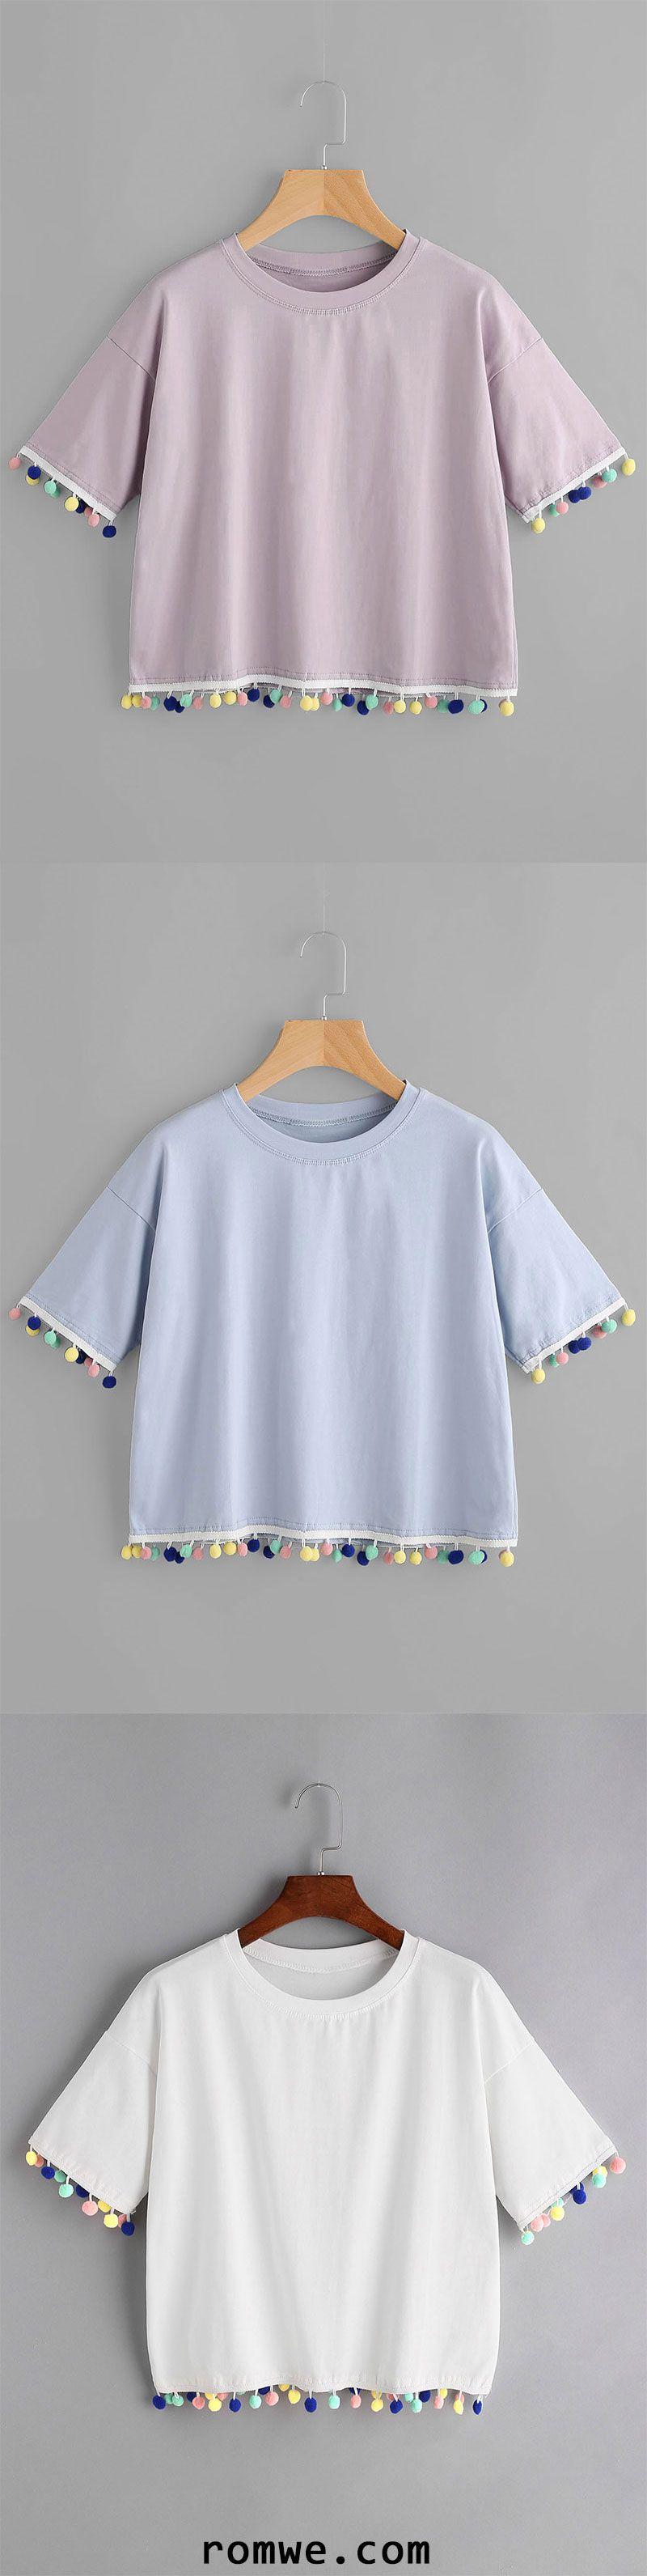 Photo of Drop Shoulder Pom Pom T-shirt